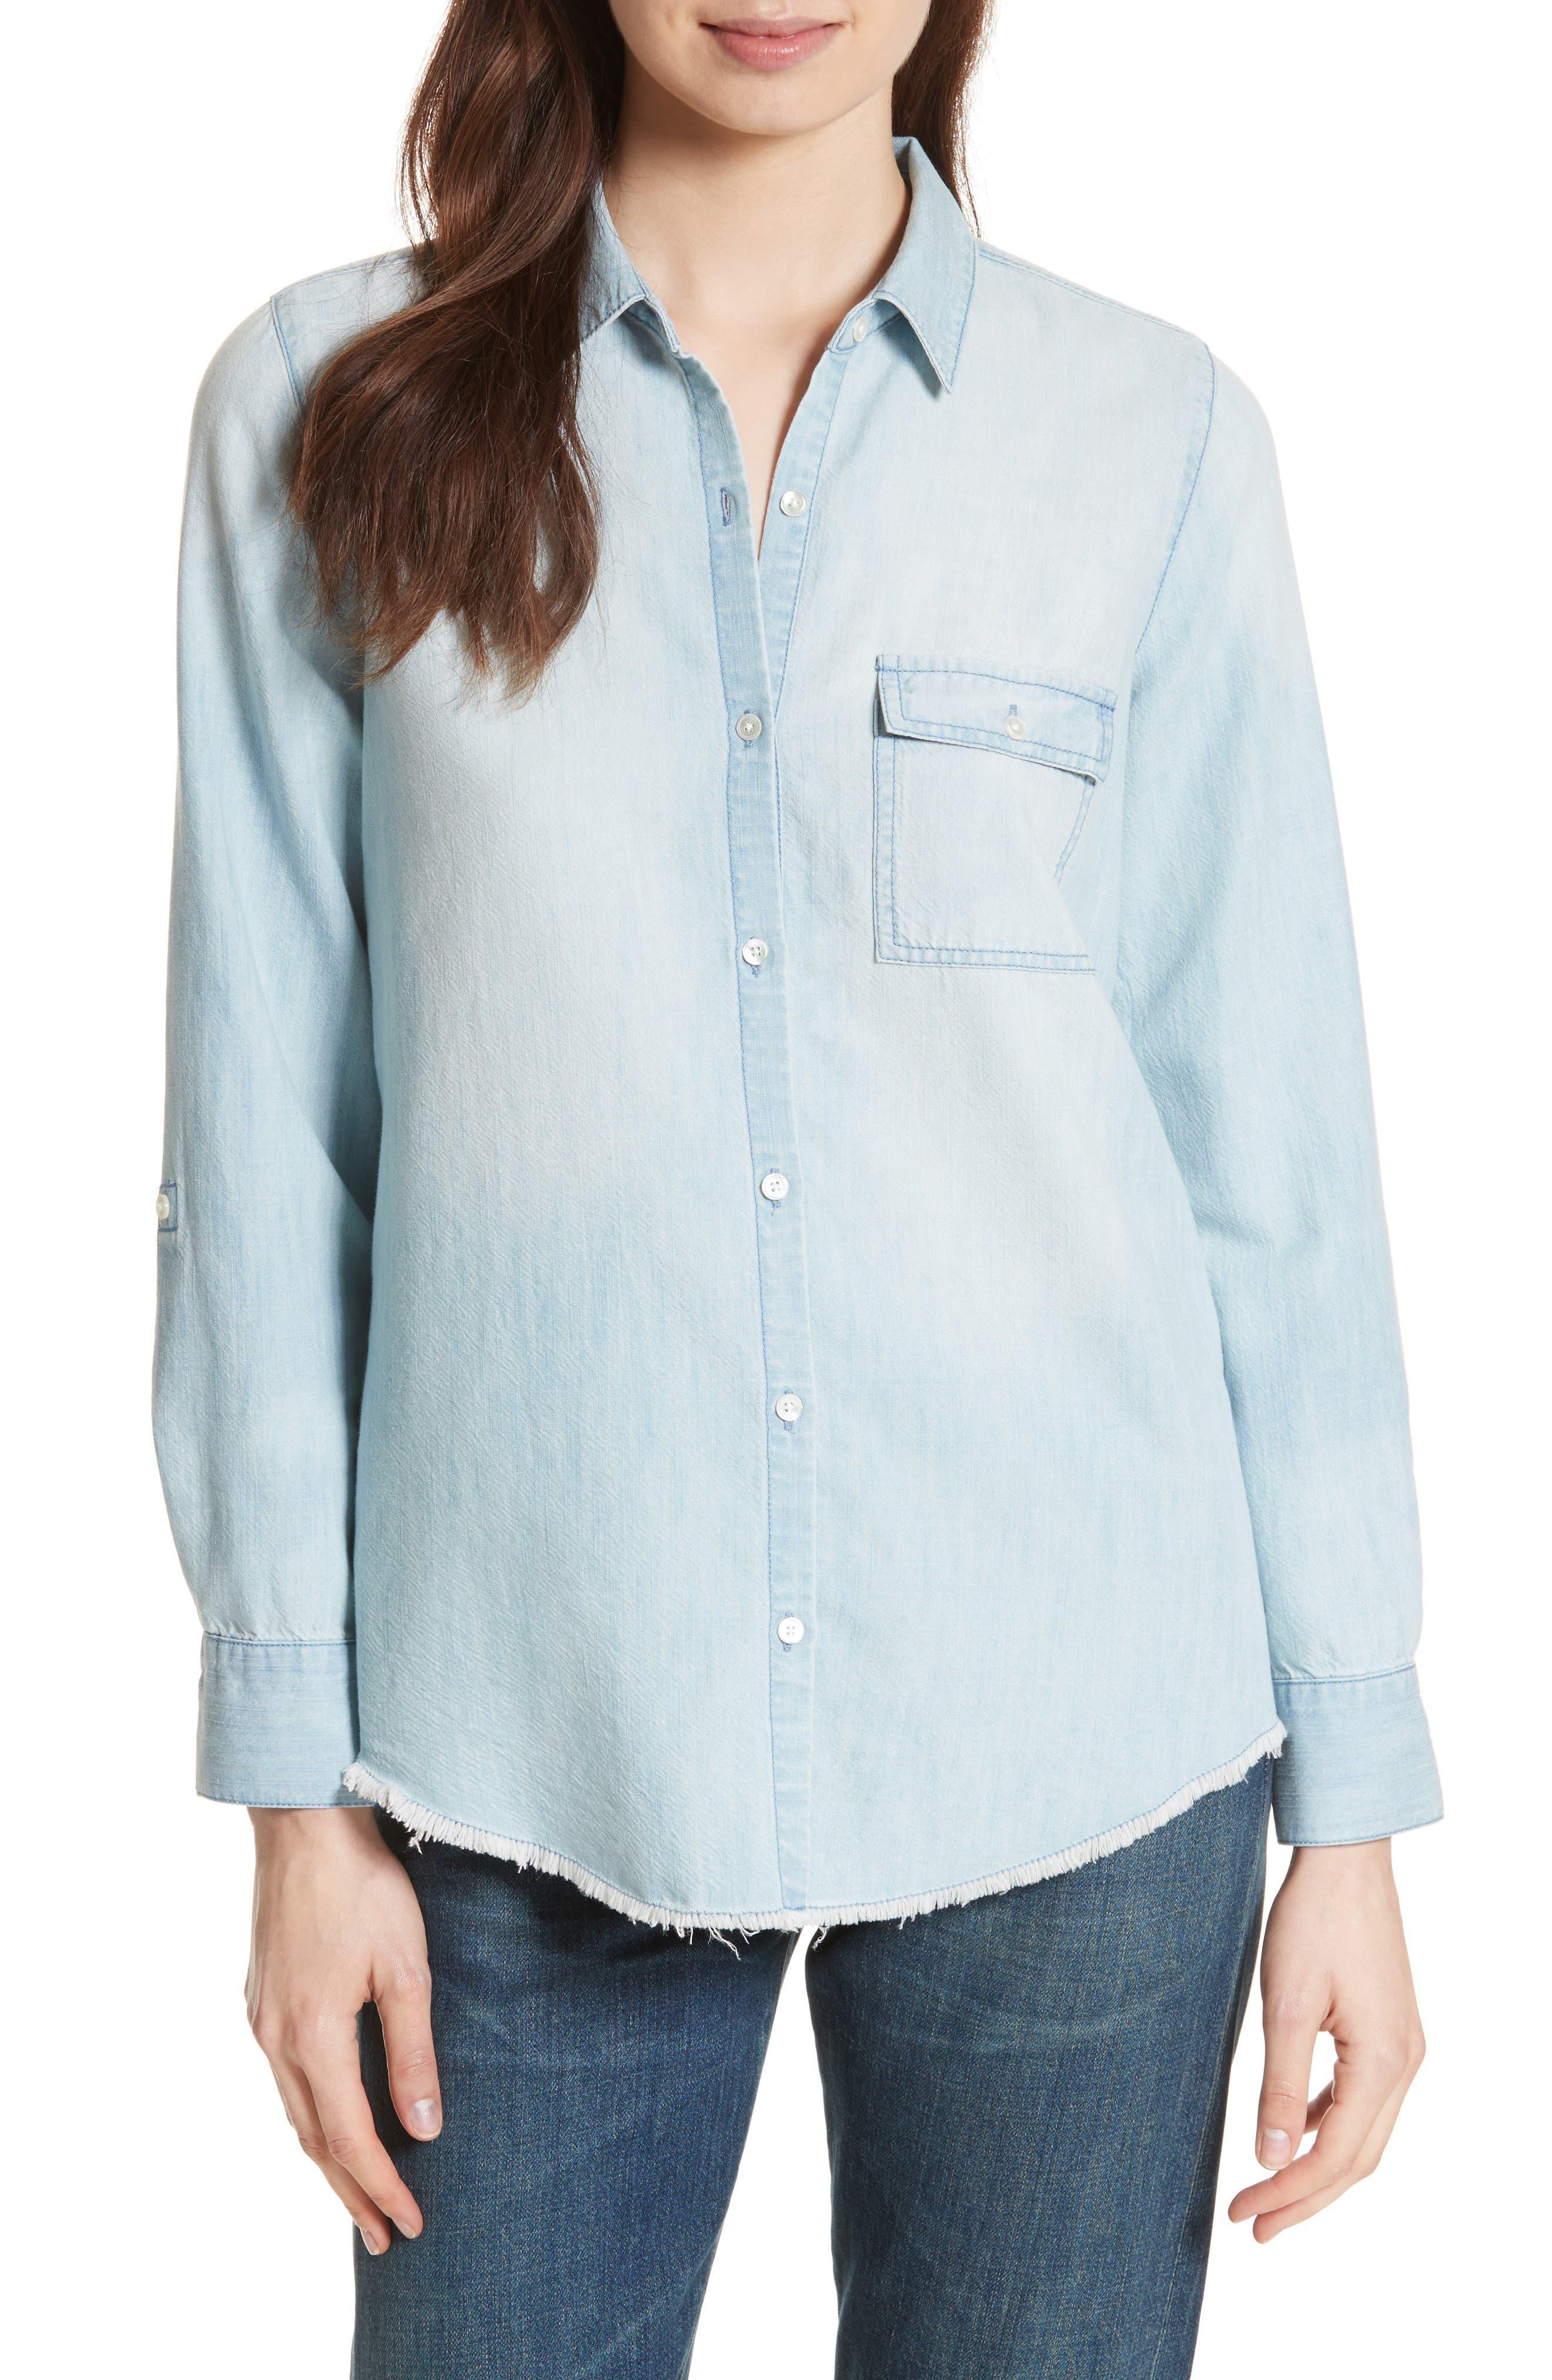 Onyx B Chambray Shirt,                         Main,                         color, Vintage Chambray Wash